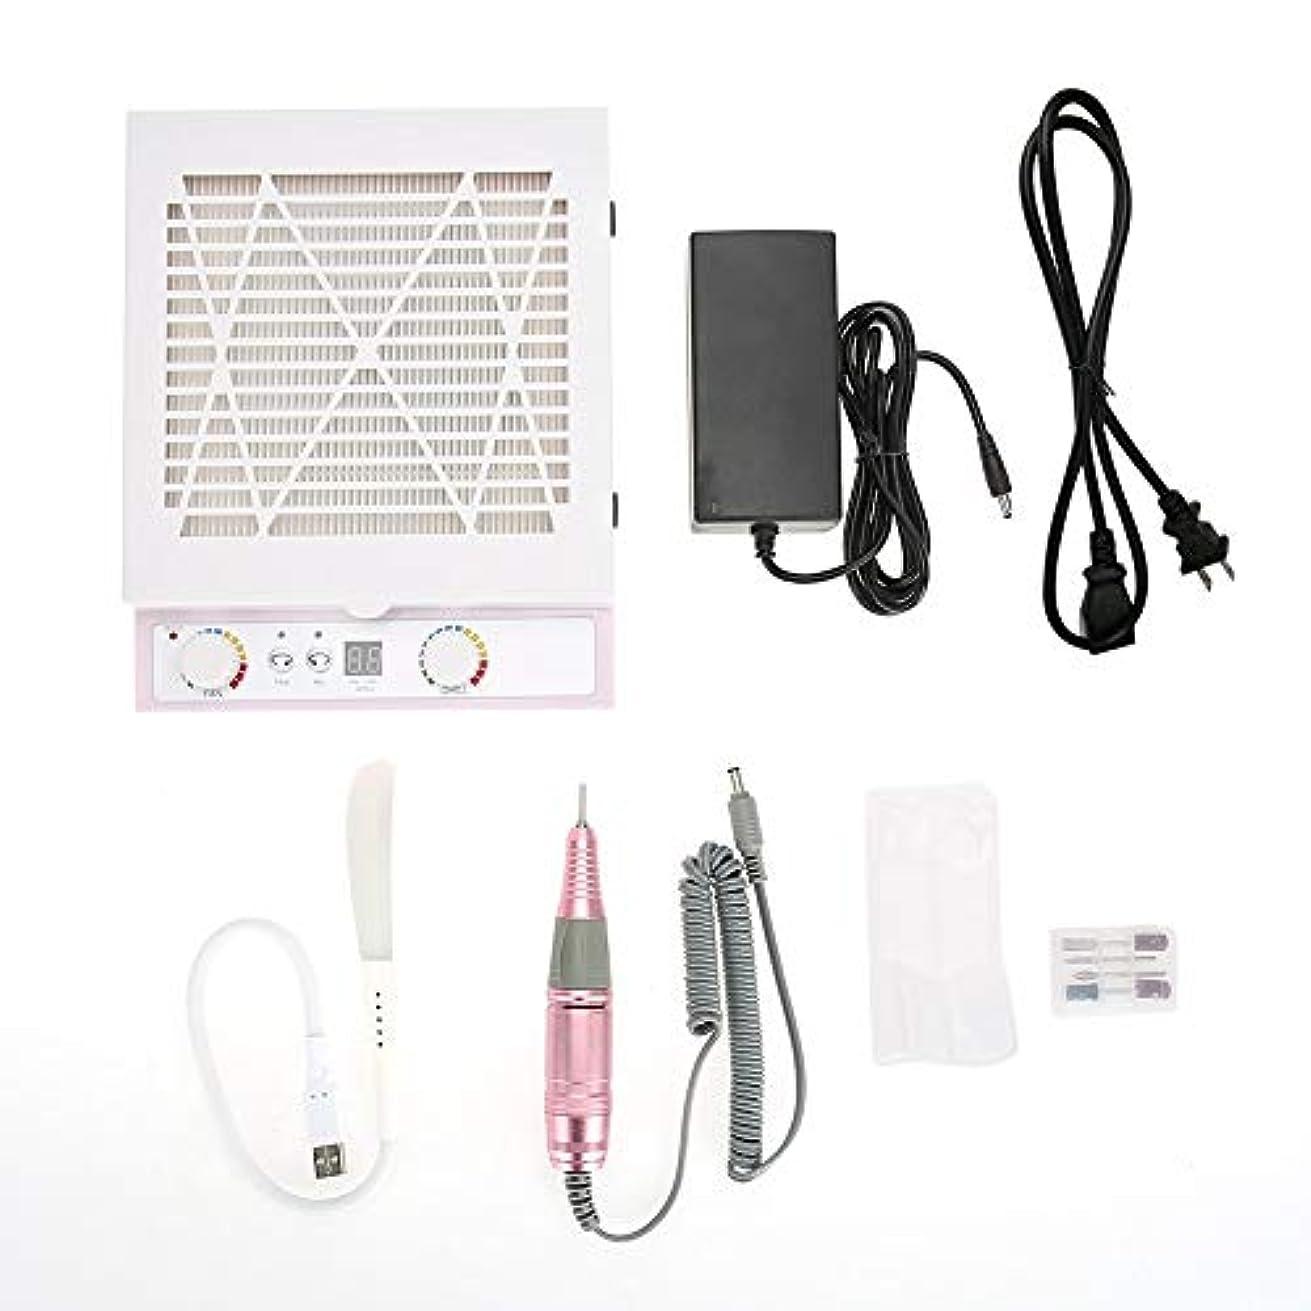 YOUTHINK 48W 3 in1電動ネイルドリル 集塵機 ネイルポリッシュ機 25000 rpm LEDライトネイルアート機器 LCD表示(USプラグ)